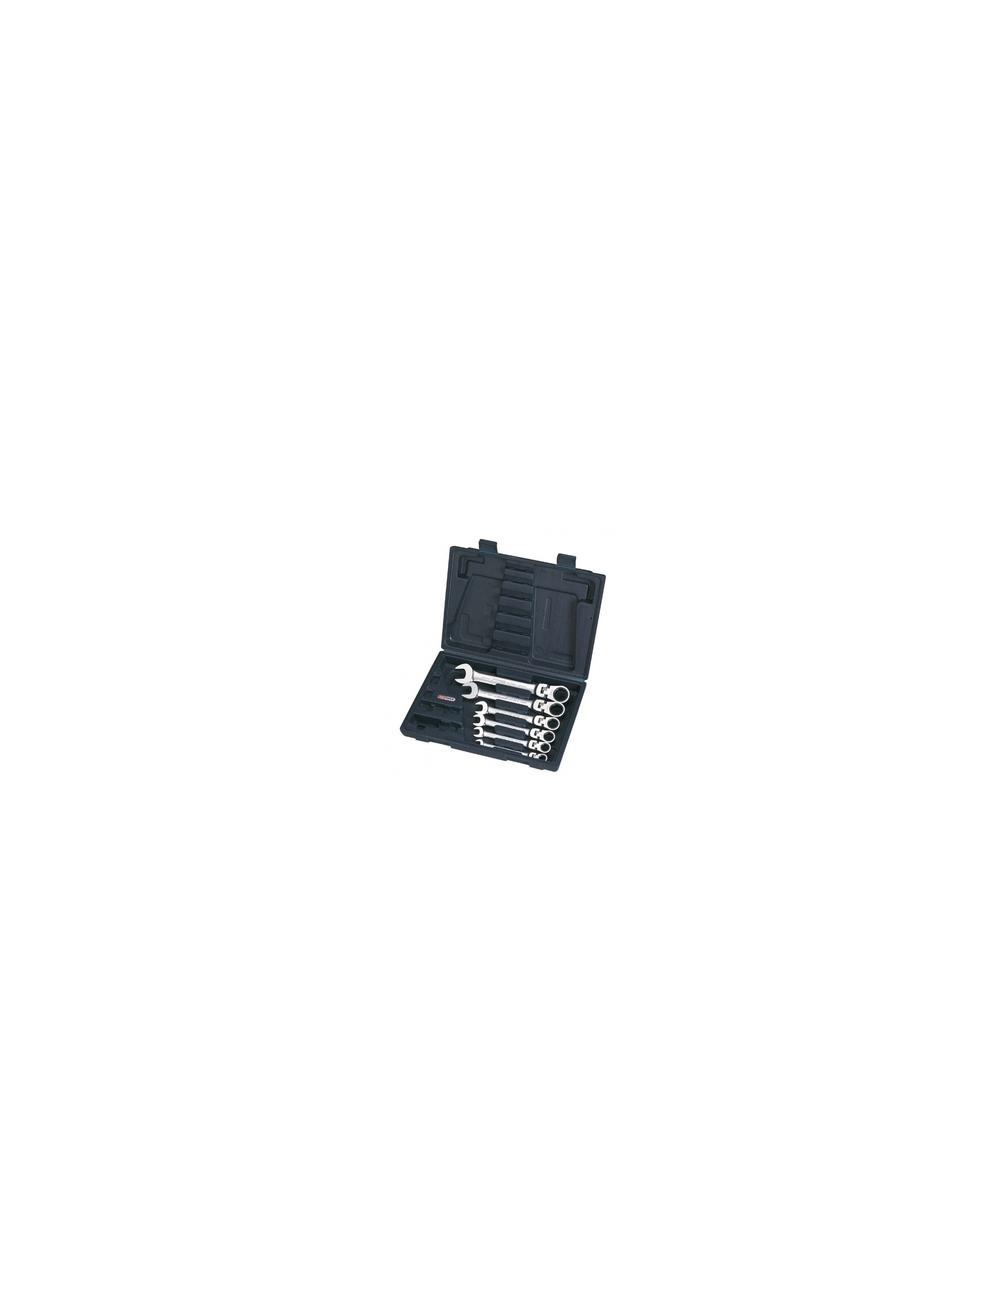 Coffret clé mixte à cliquet réversible GEARplus, 6 pcs, 8-10-12-13-17